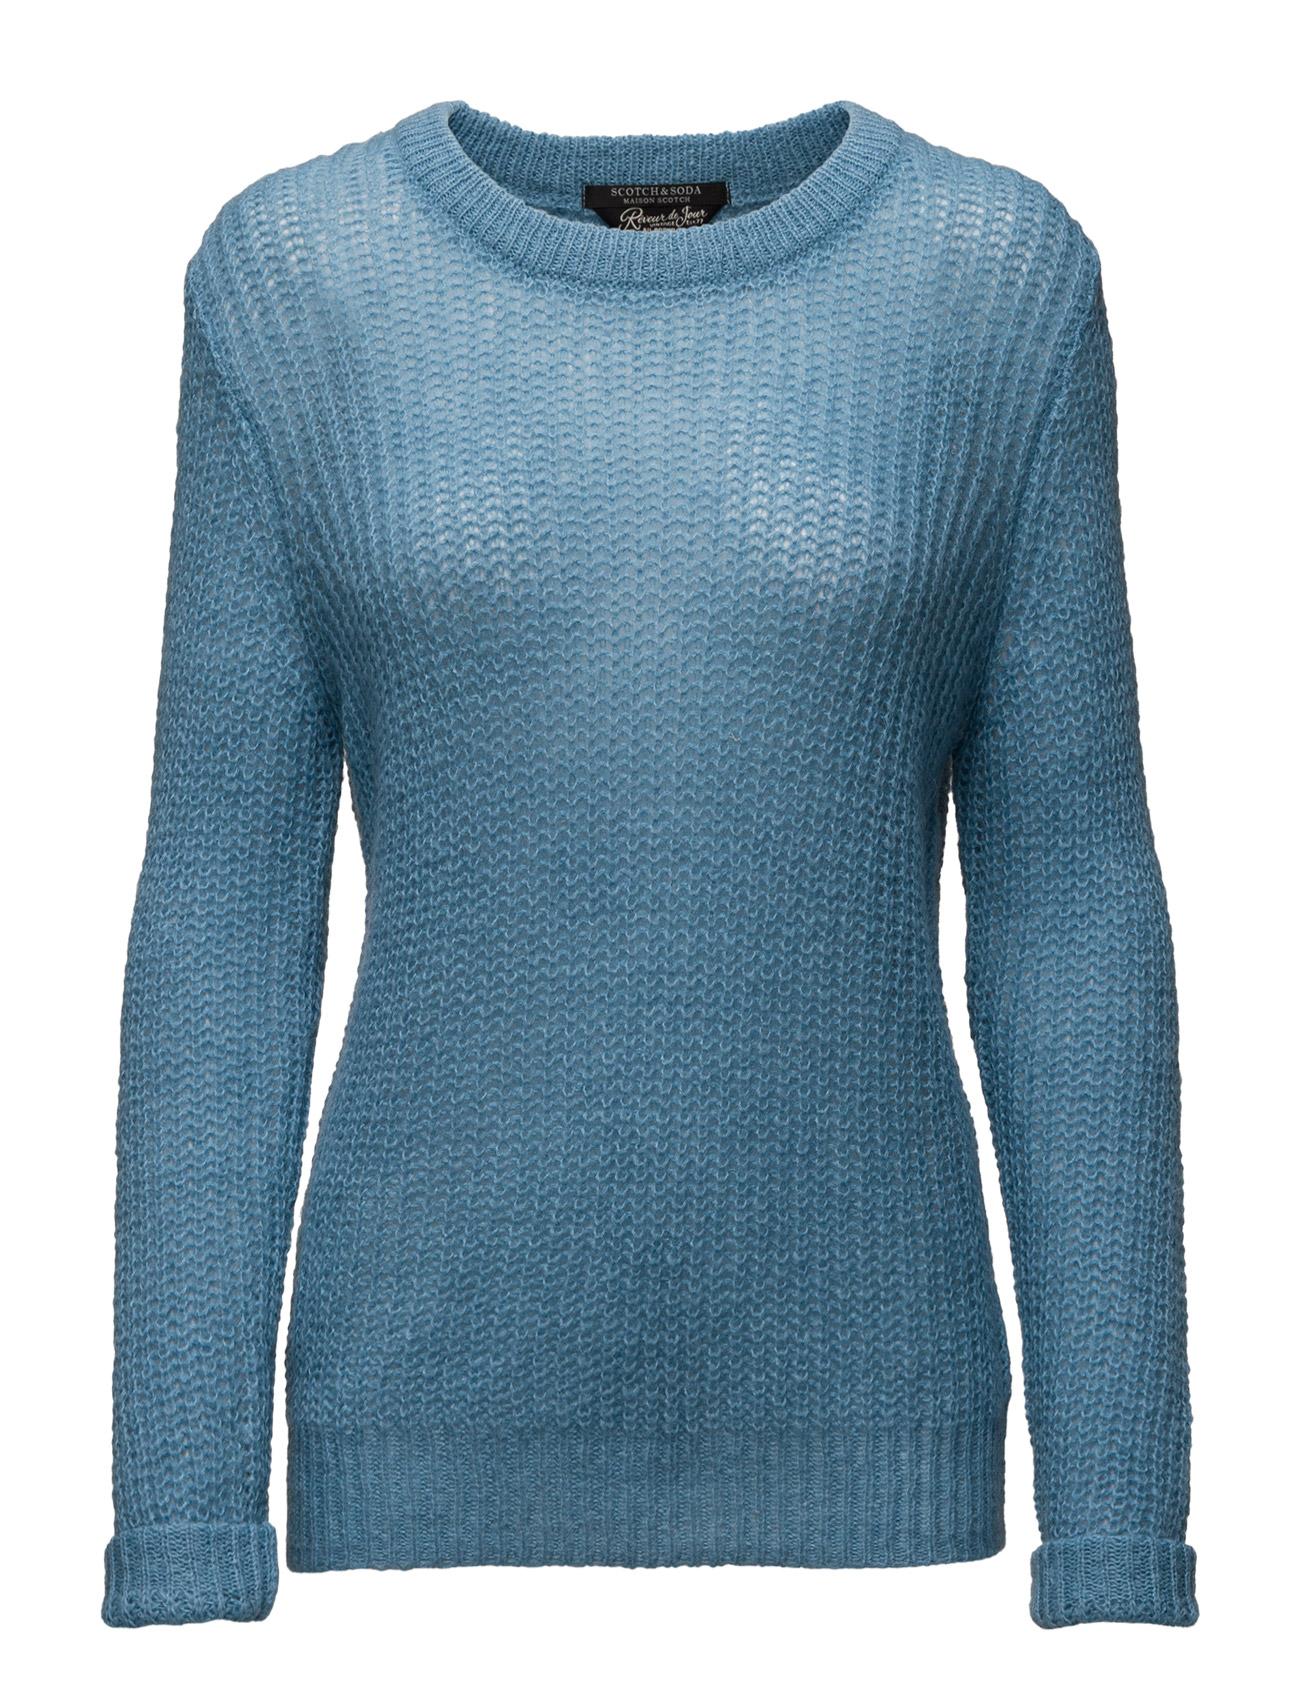 Fluffy Crew Neck Pullover Knit Maison Scotch Sweatshirts til Kvinder i